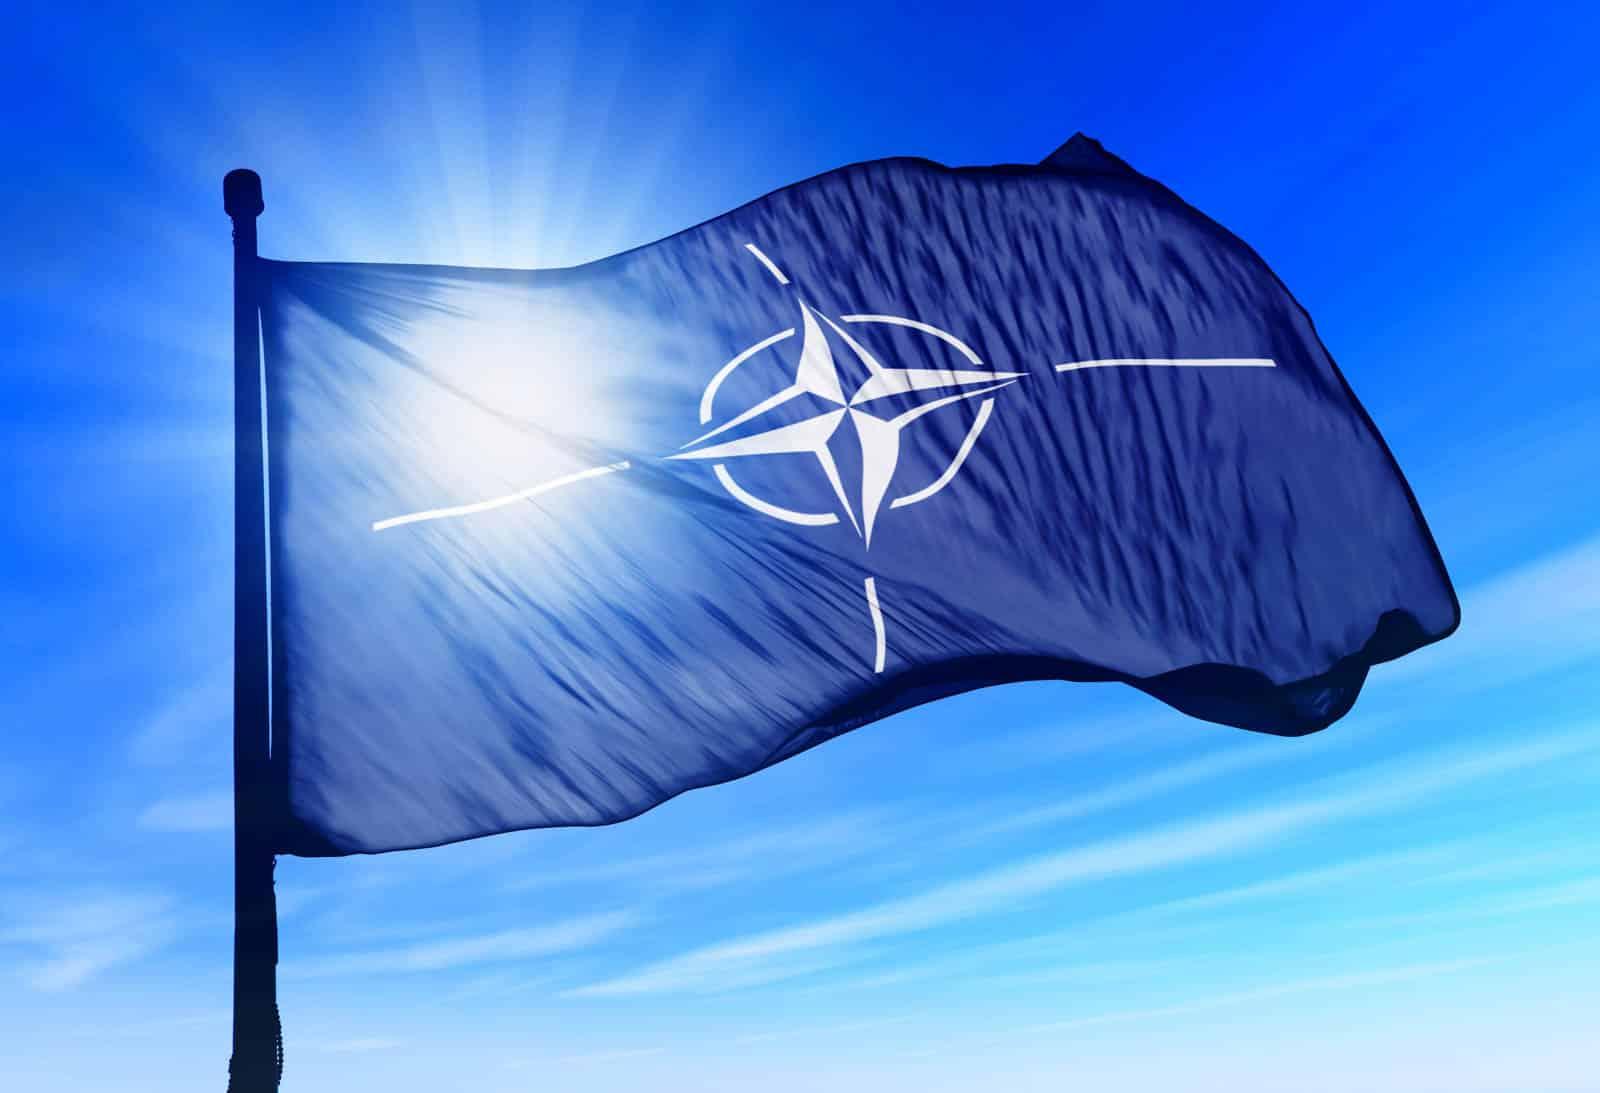 L'OTAN serait prête à riposter en cas d'attaque dans l'espace et le cyberespace